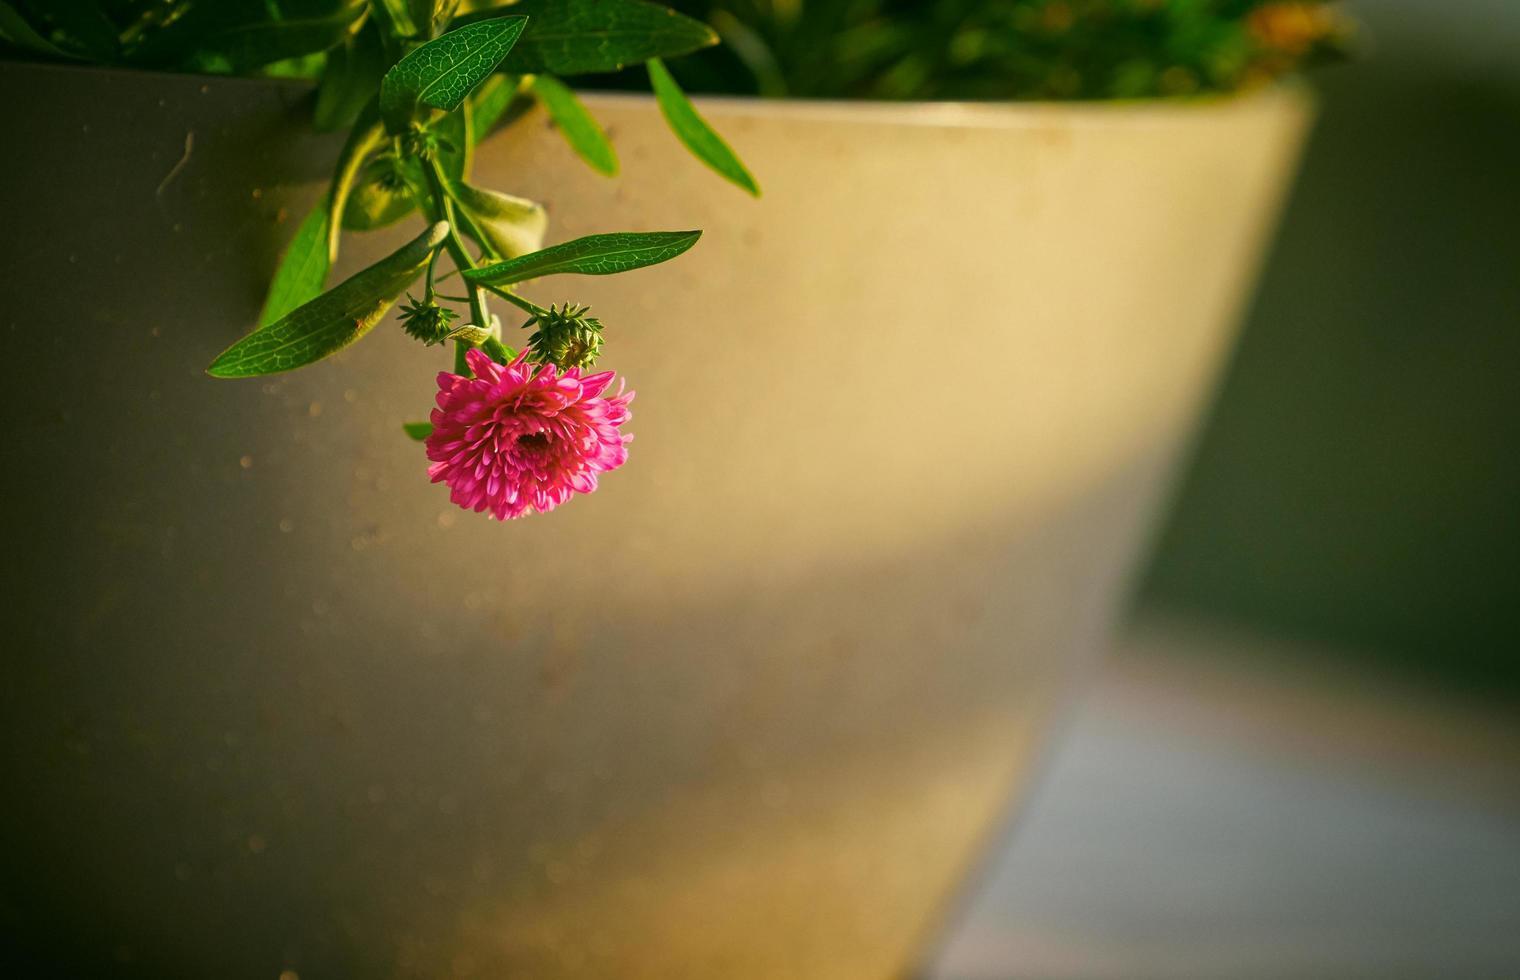 photographie de mise au point peu profonde de fleur rose photo